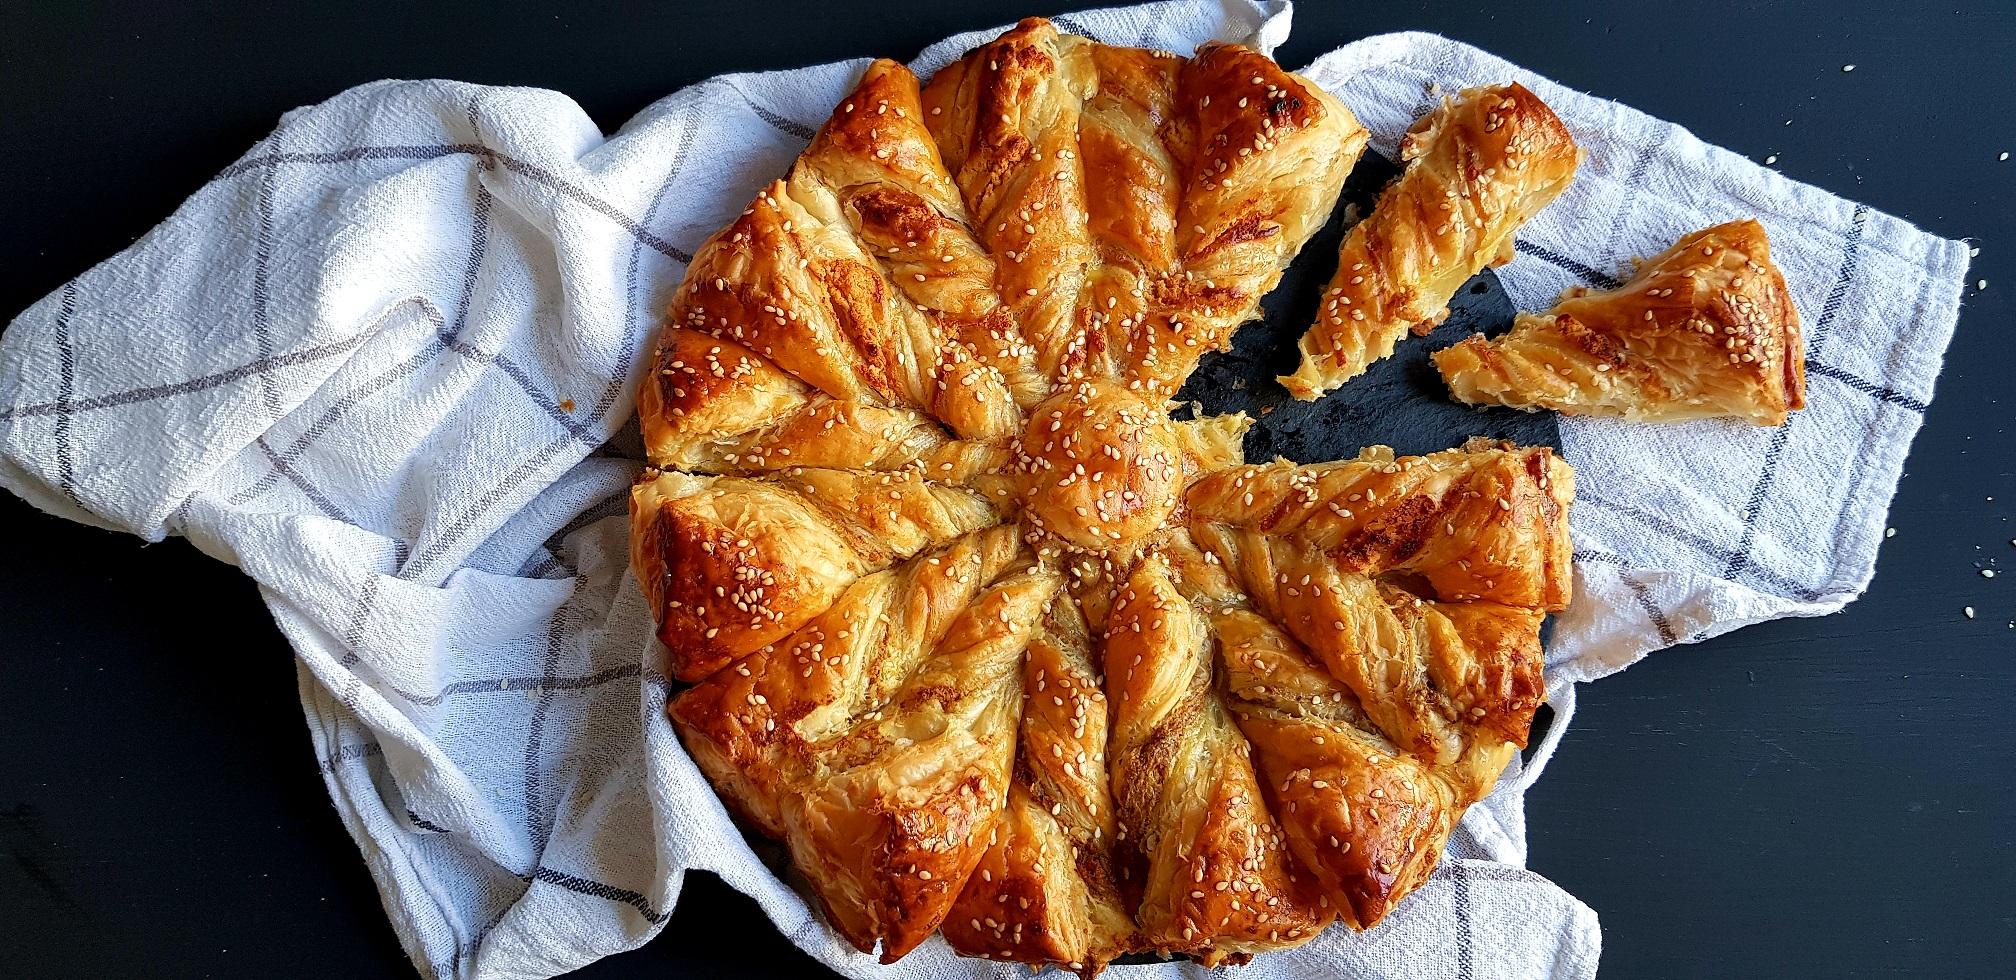 Bucură-te de un soare plin cu brânză și pastă de măsline